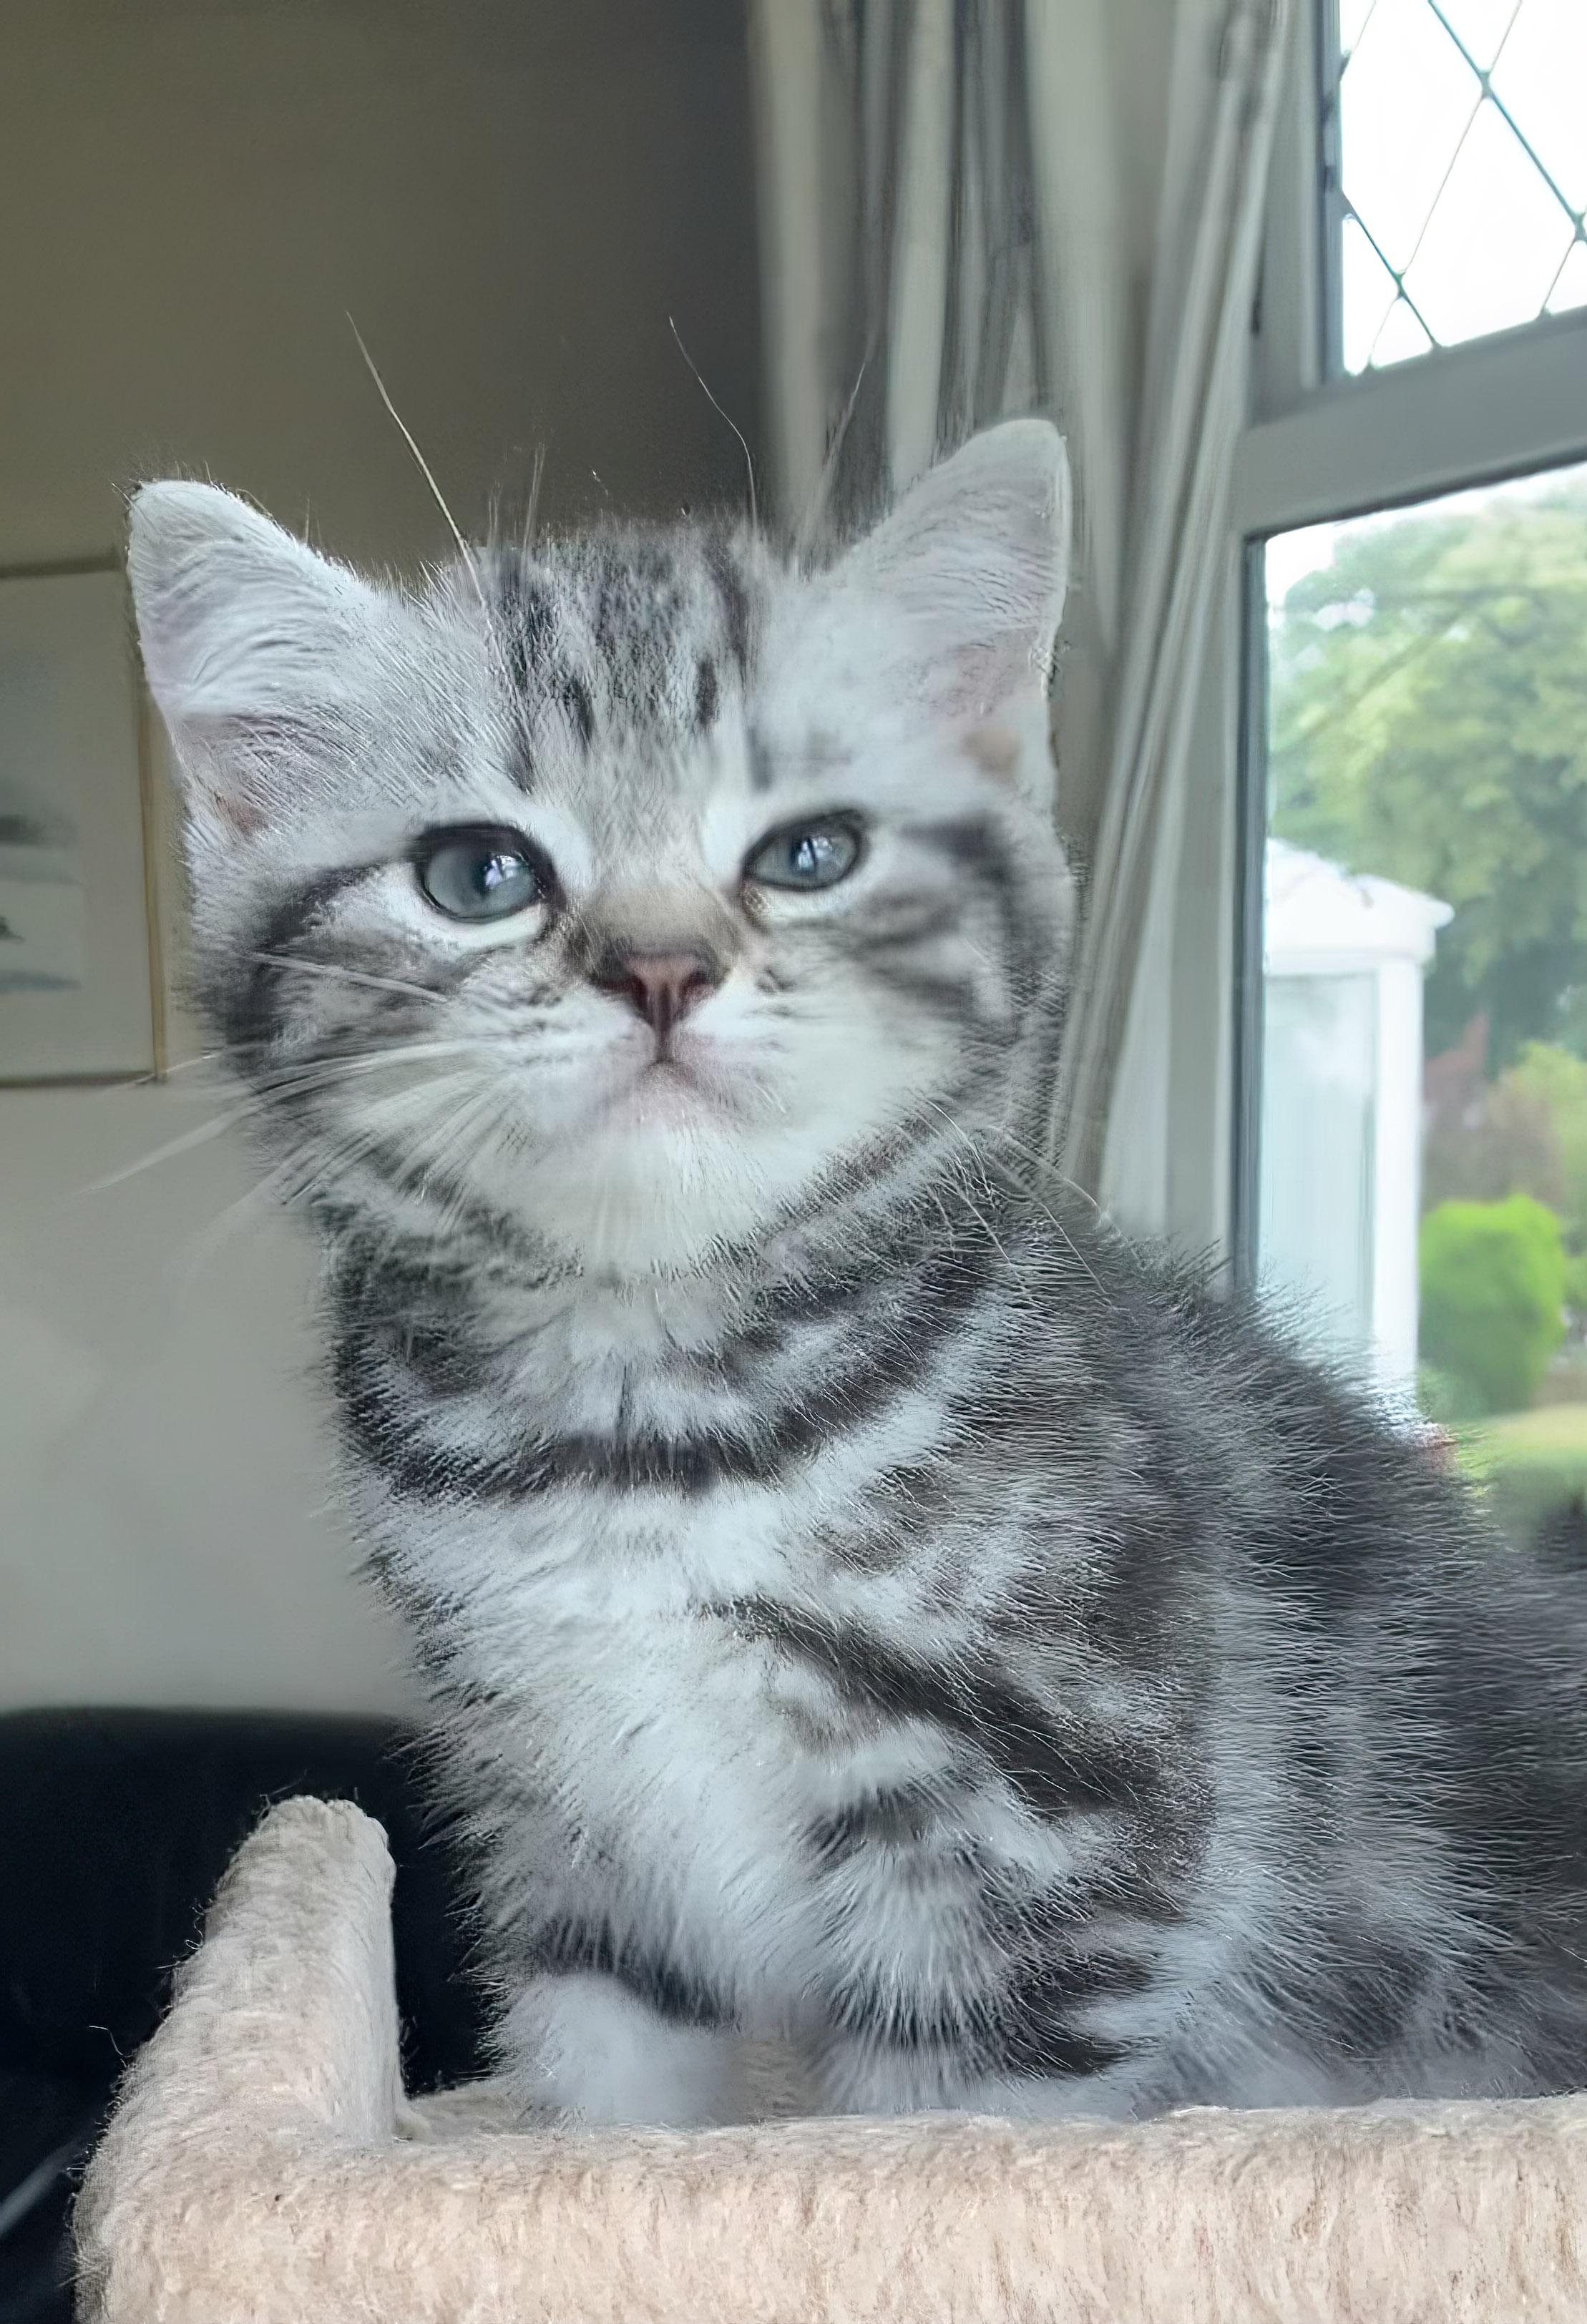 Kitten July 2021